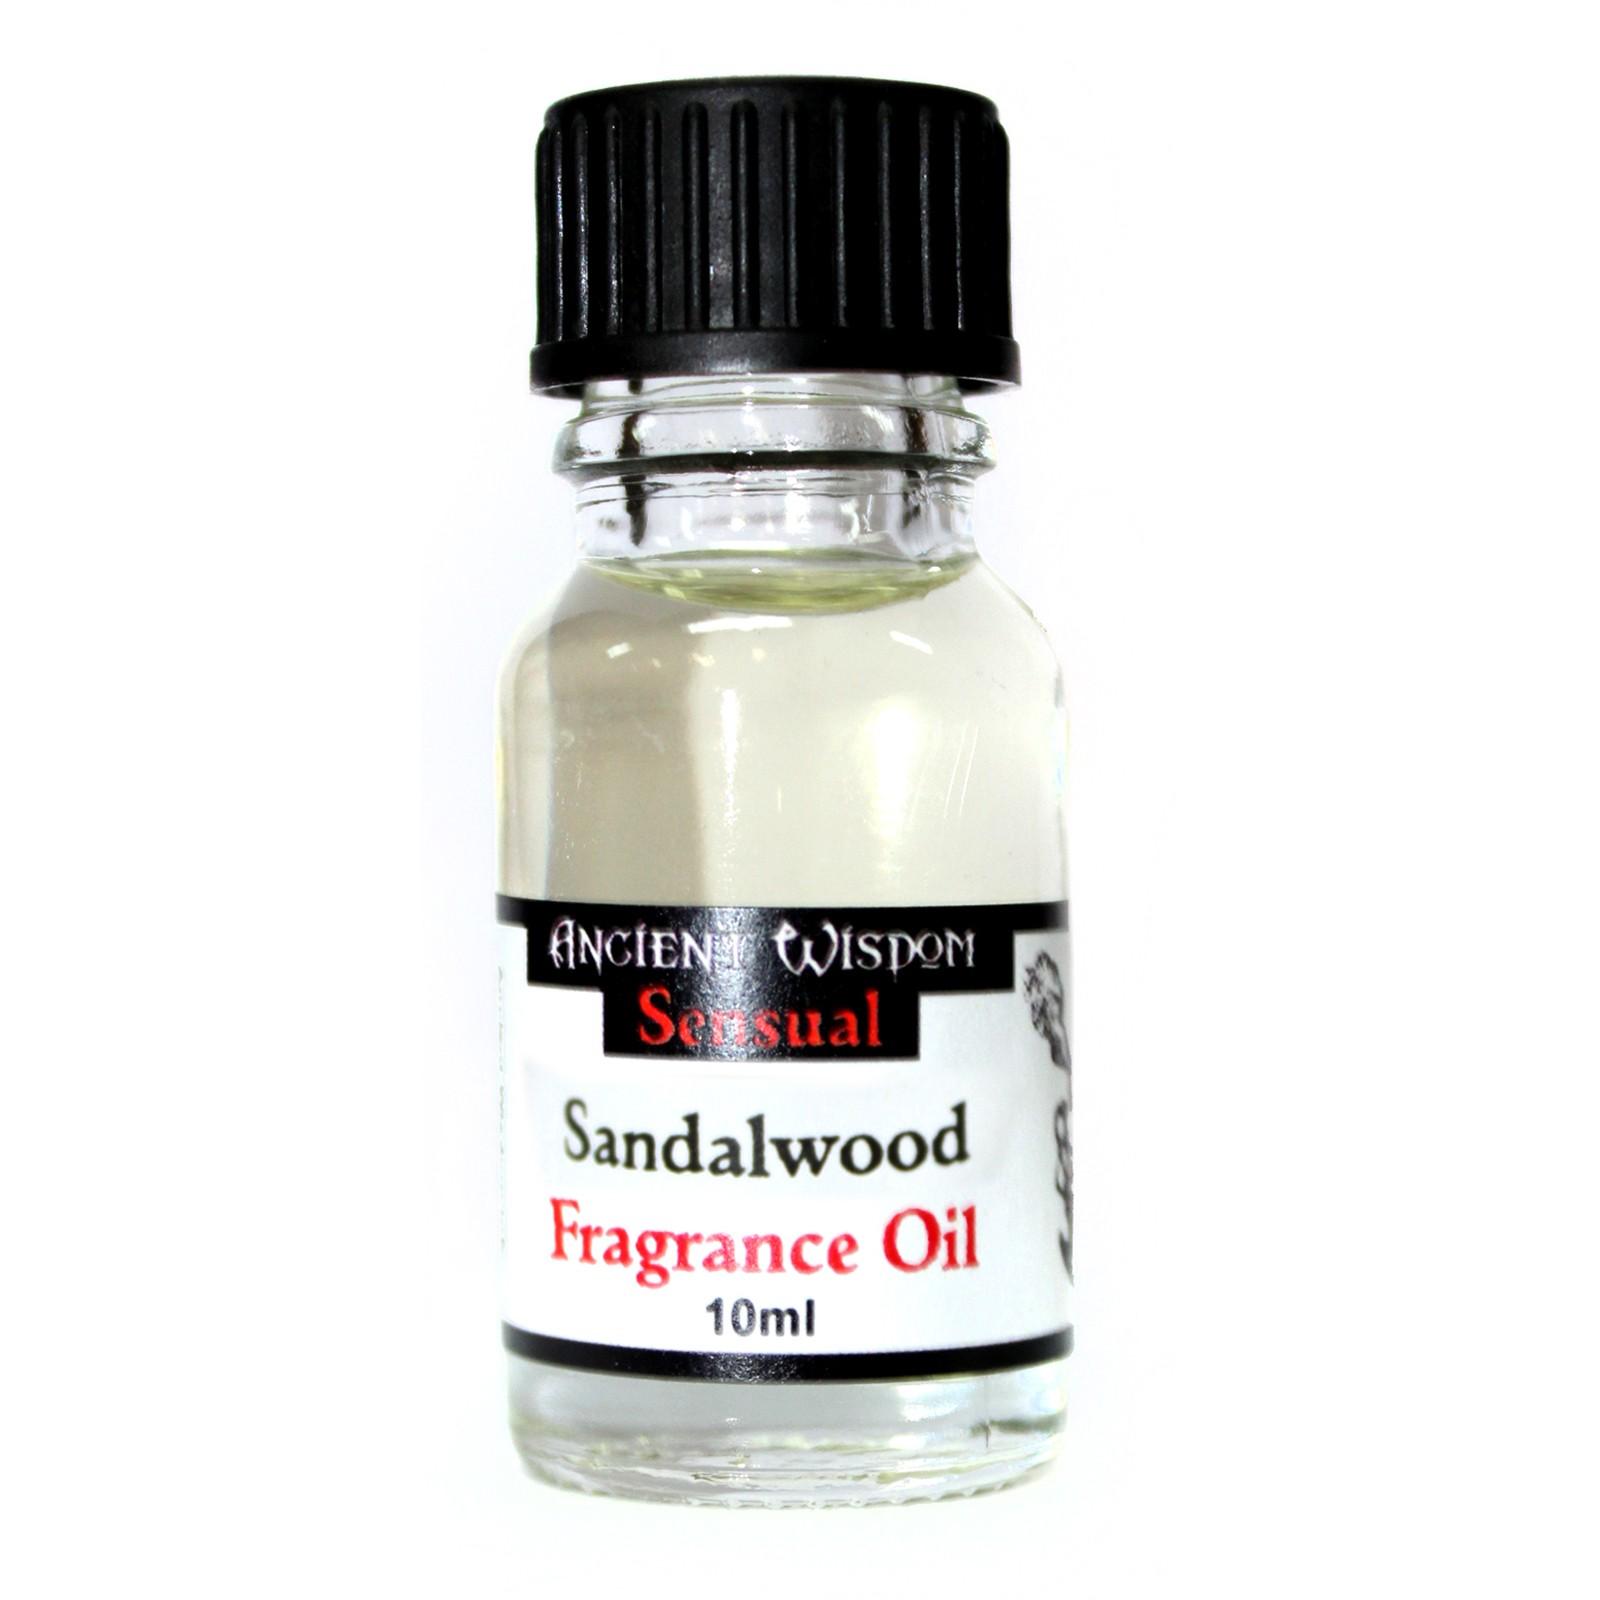 10ml Sandalwood Fragrance Oil